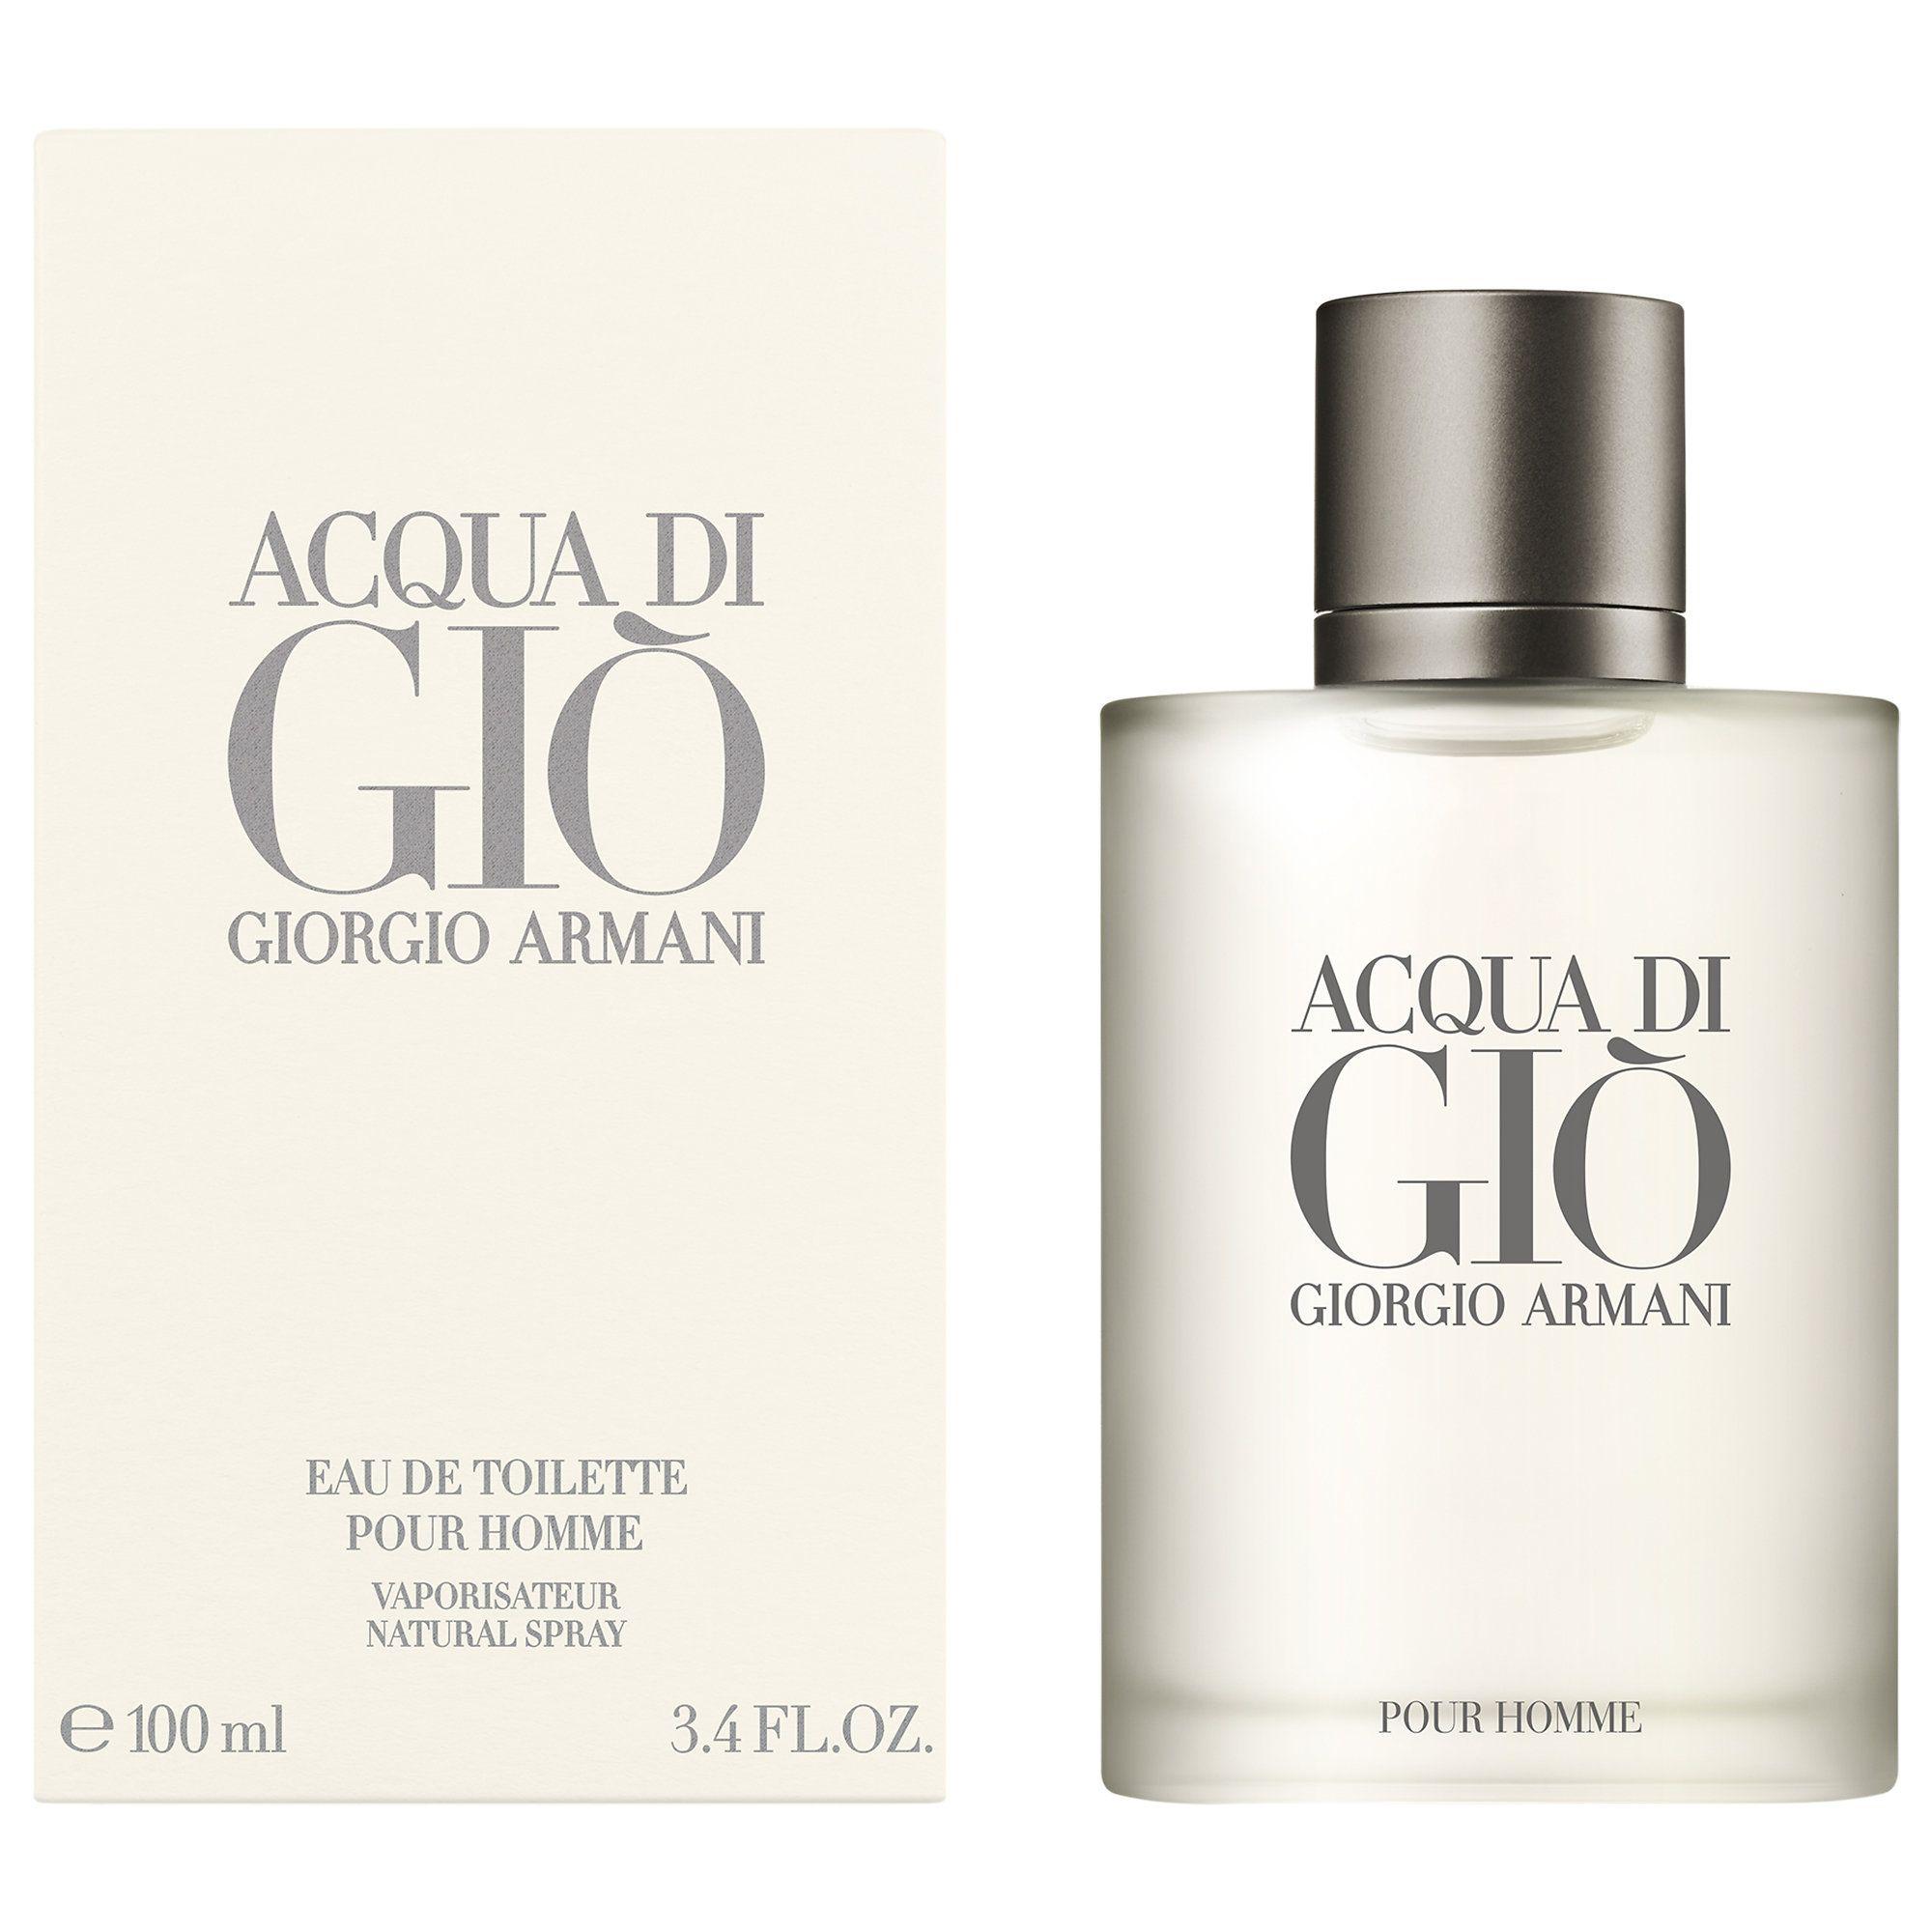 Acqua Di Gio Pour Homme Armani Beauty Sephora in 2020